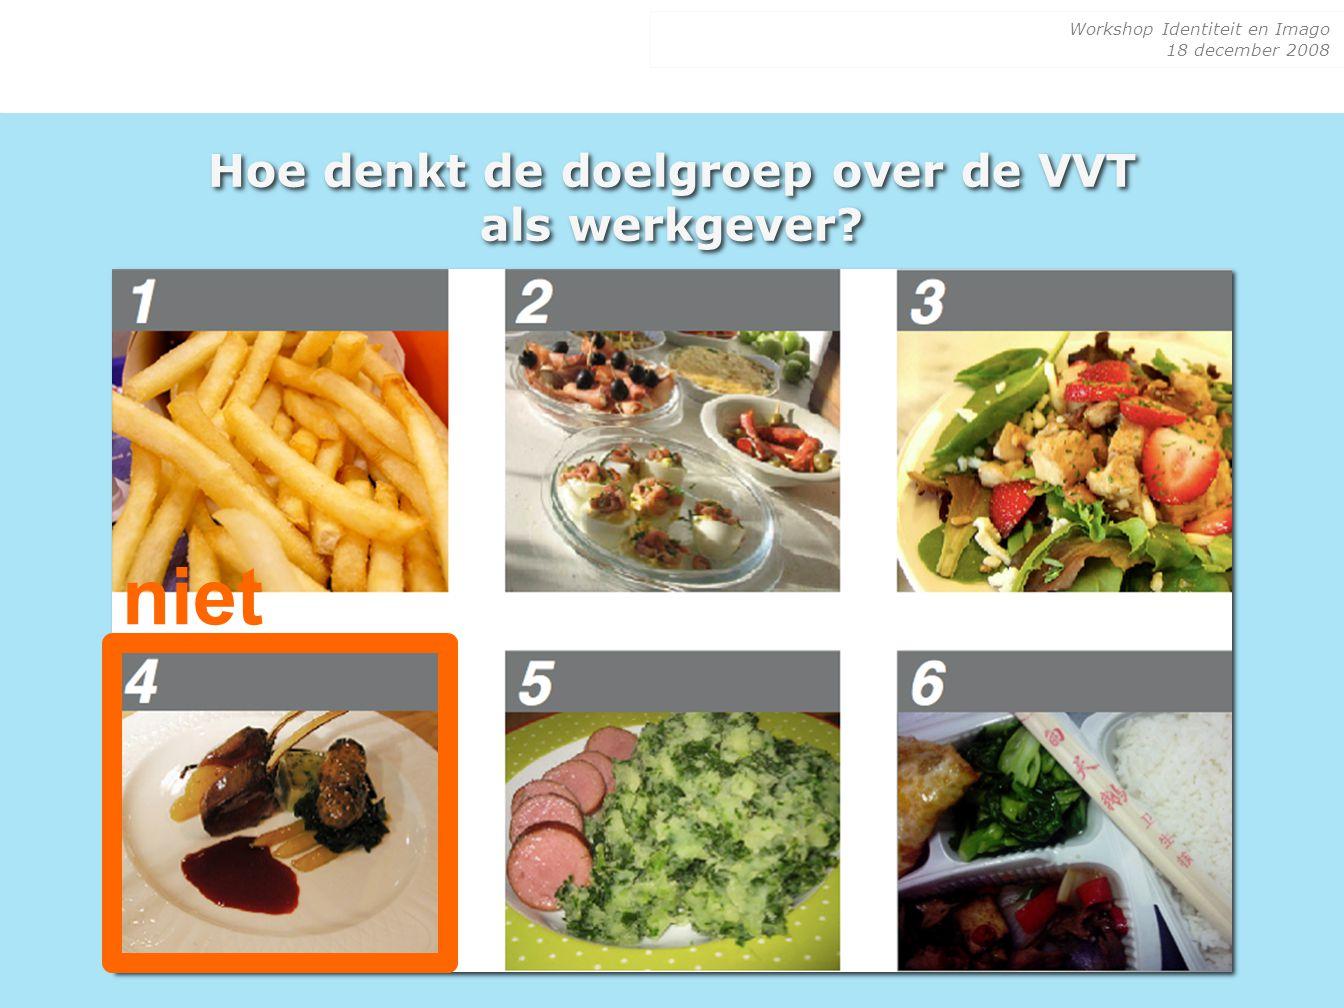 Workshop Identiteit en Imago 18 december 2008 Hoe denkt de doelgroep over de VVT als werkgever? niet